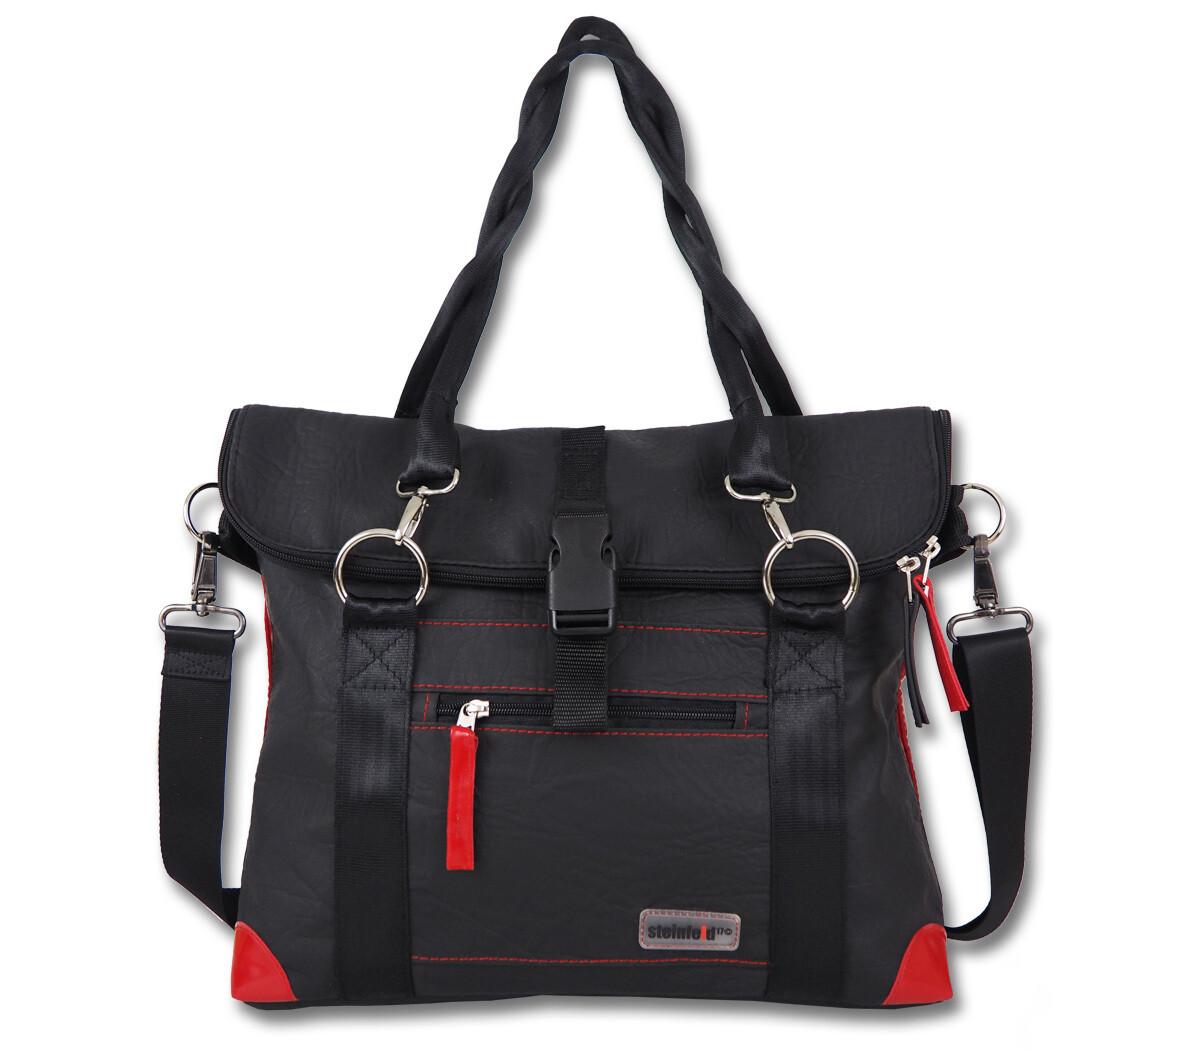 Gepäckträgertasche Radl-Iris, KL/PVC-Plane-schwarz-rot